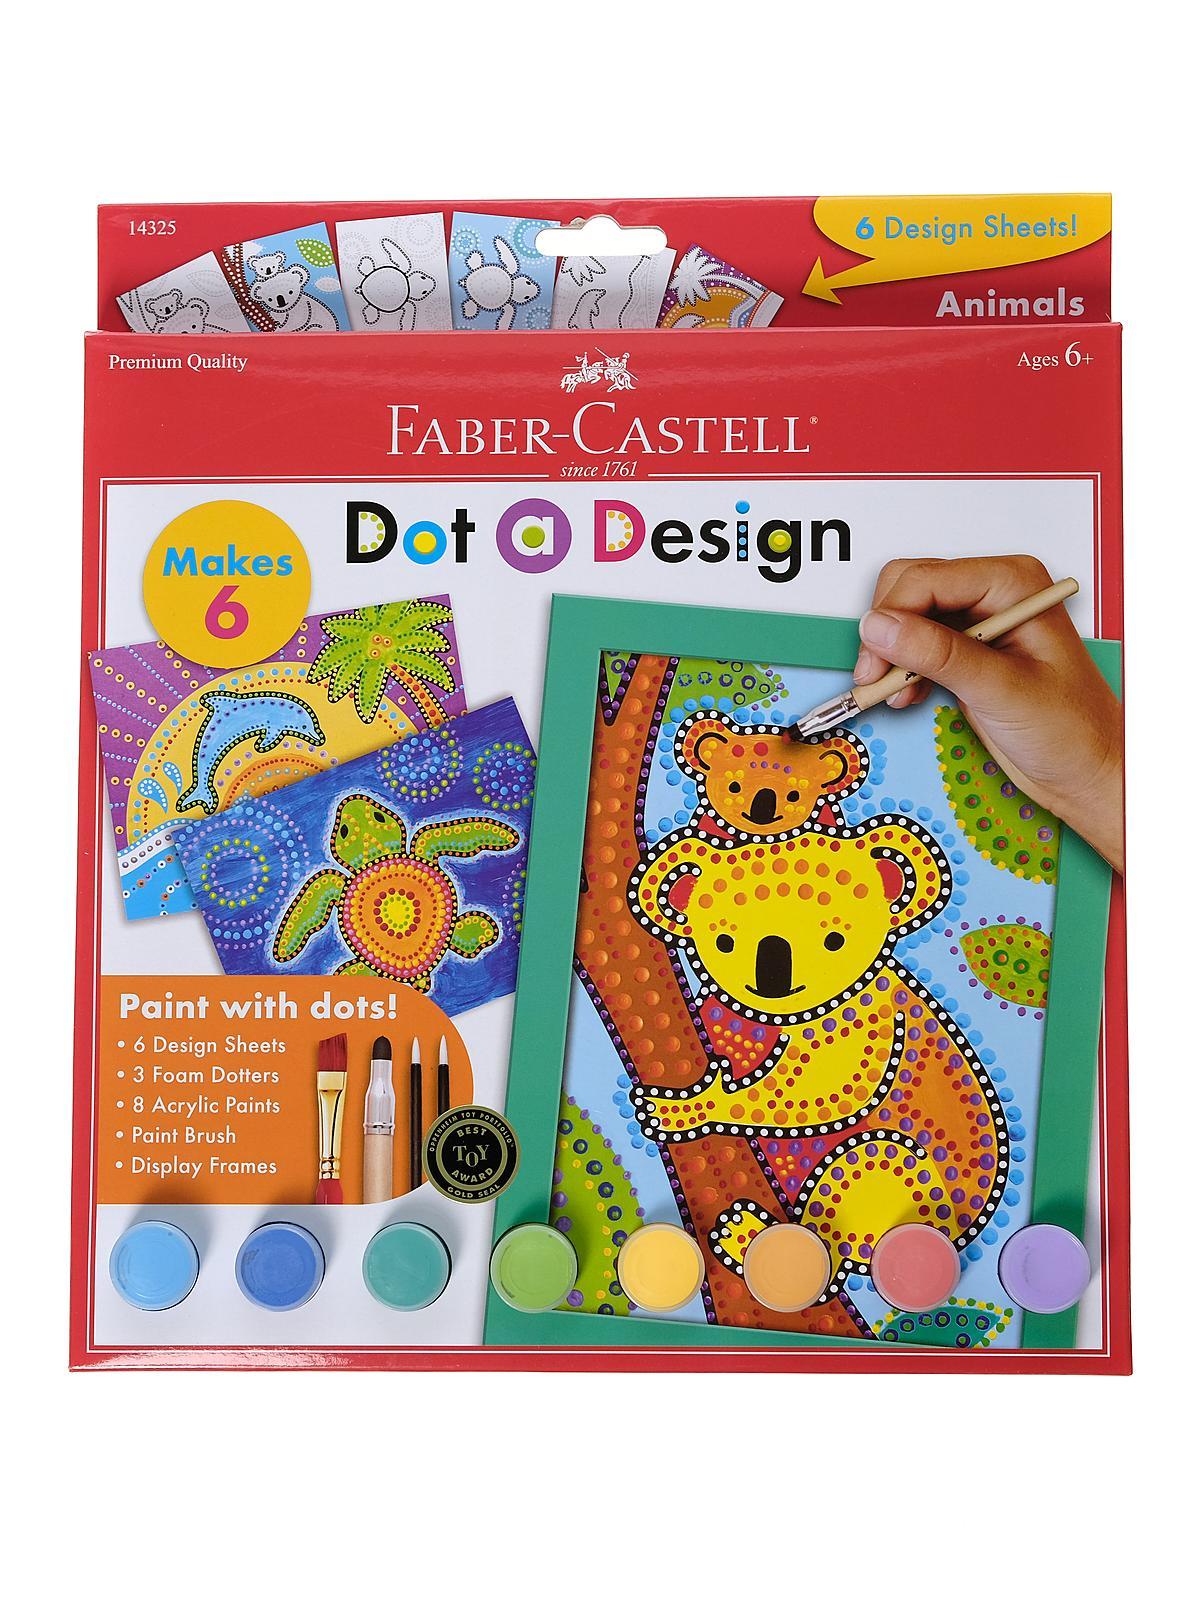 Dot a Design Animals